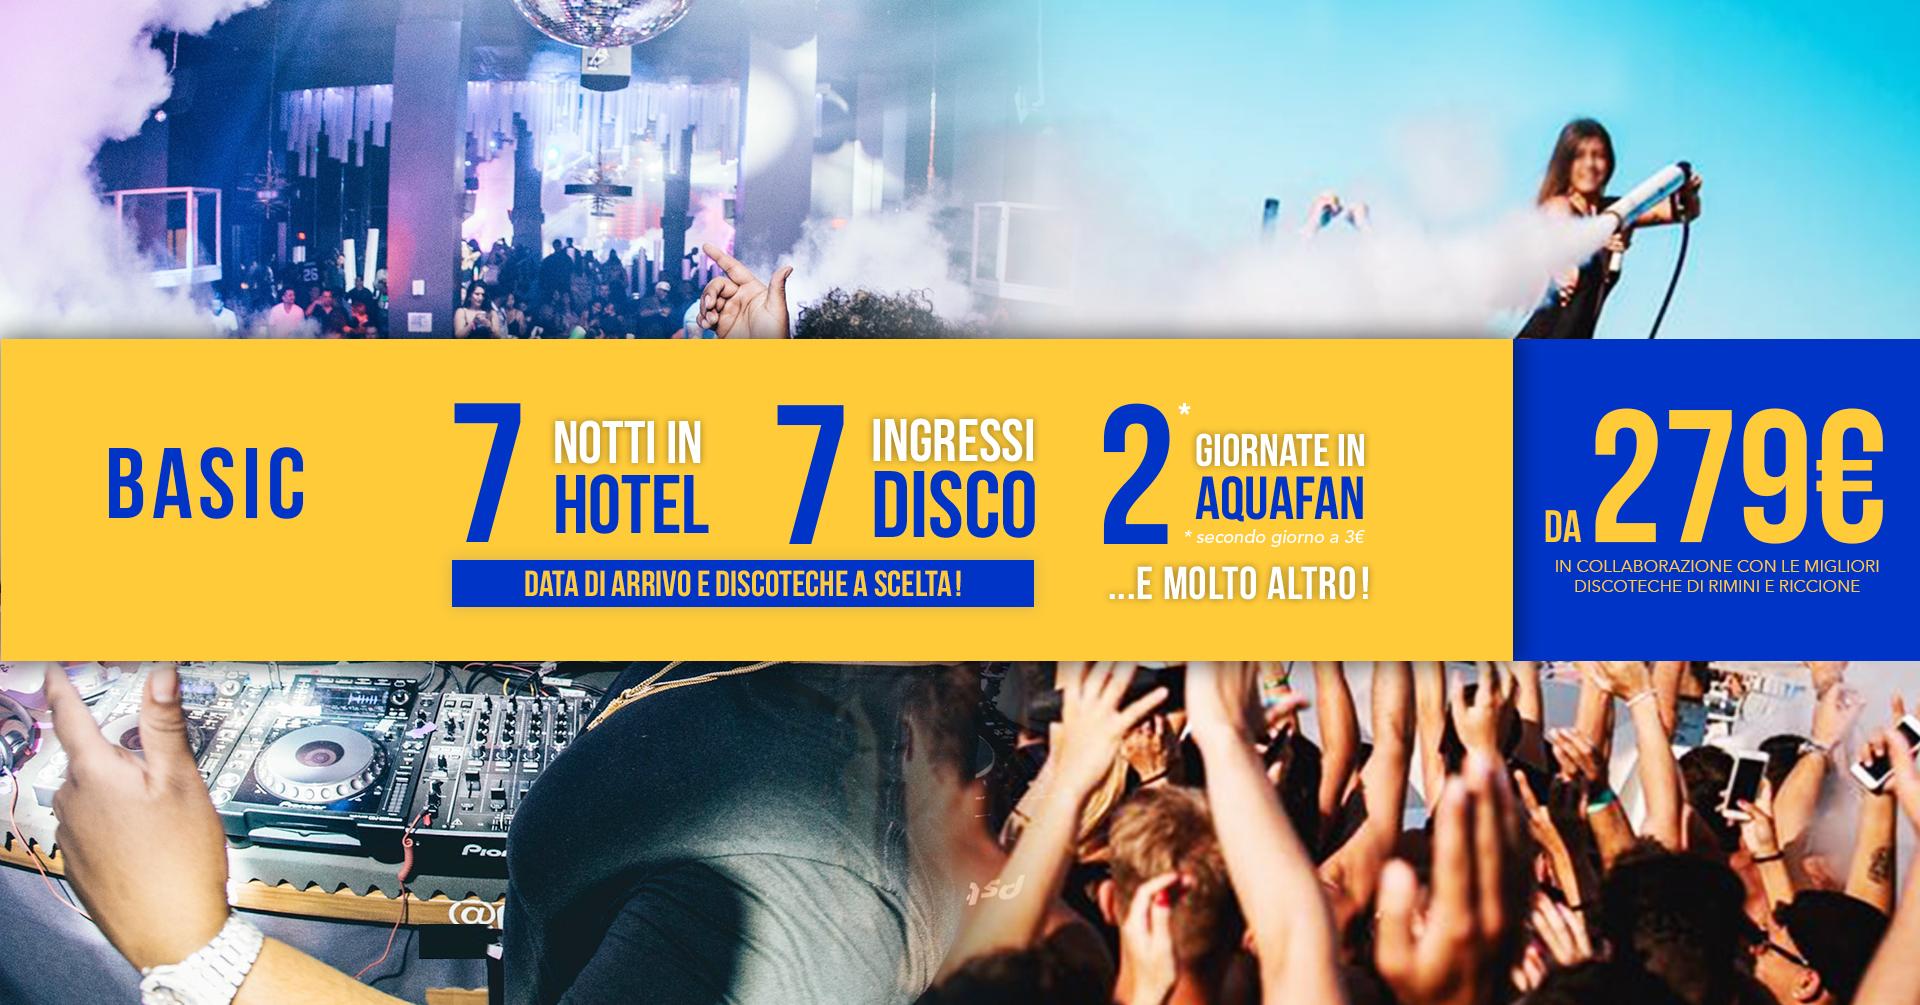 Pacchetto settimanale riccione hotel + discoteche Basic